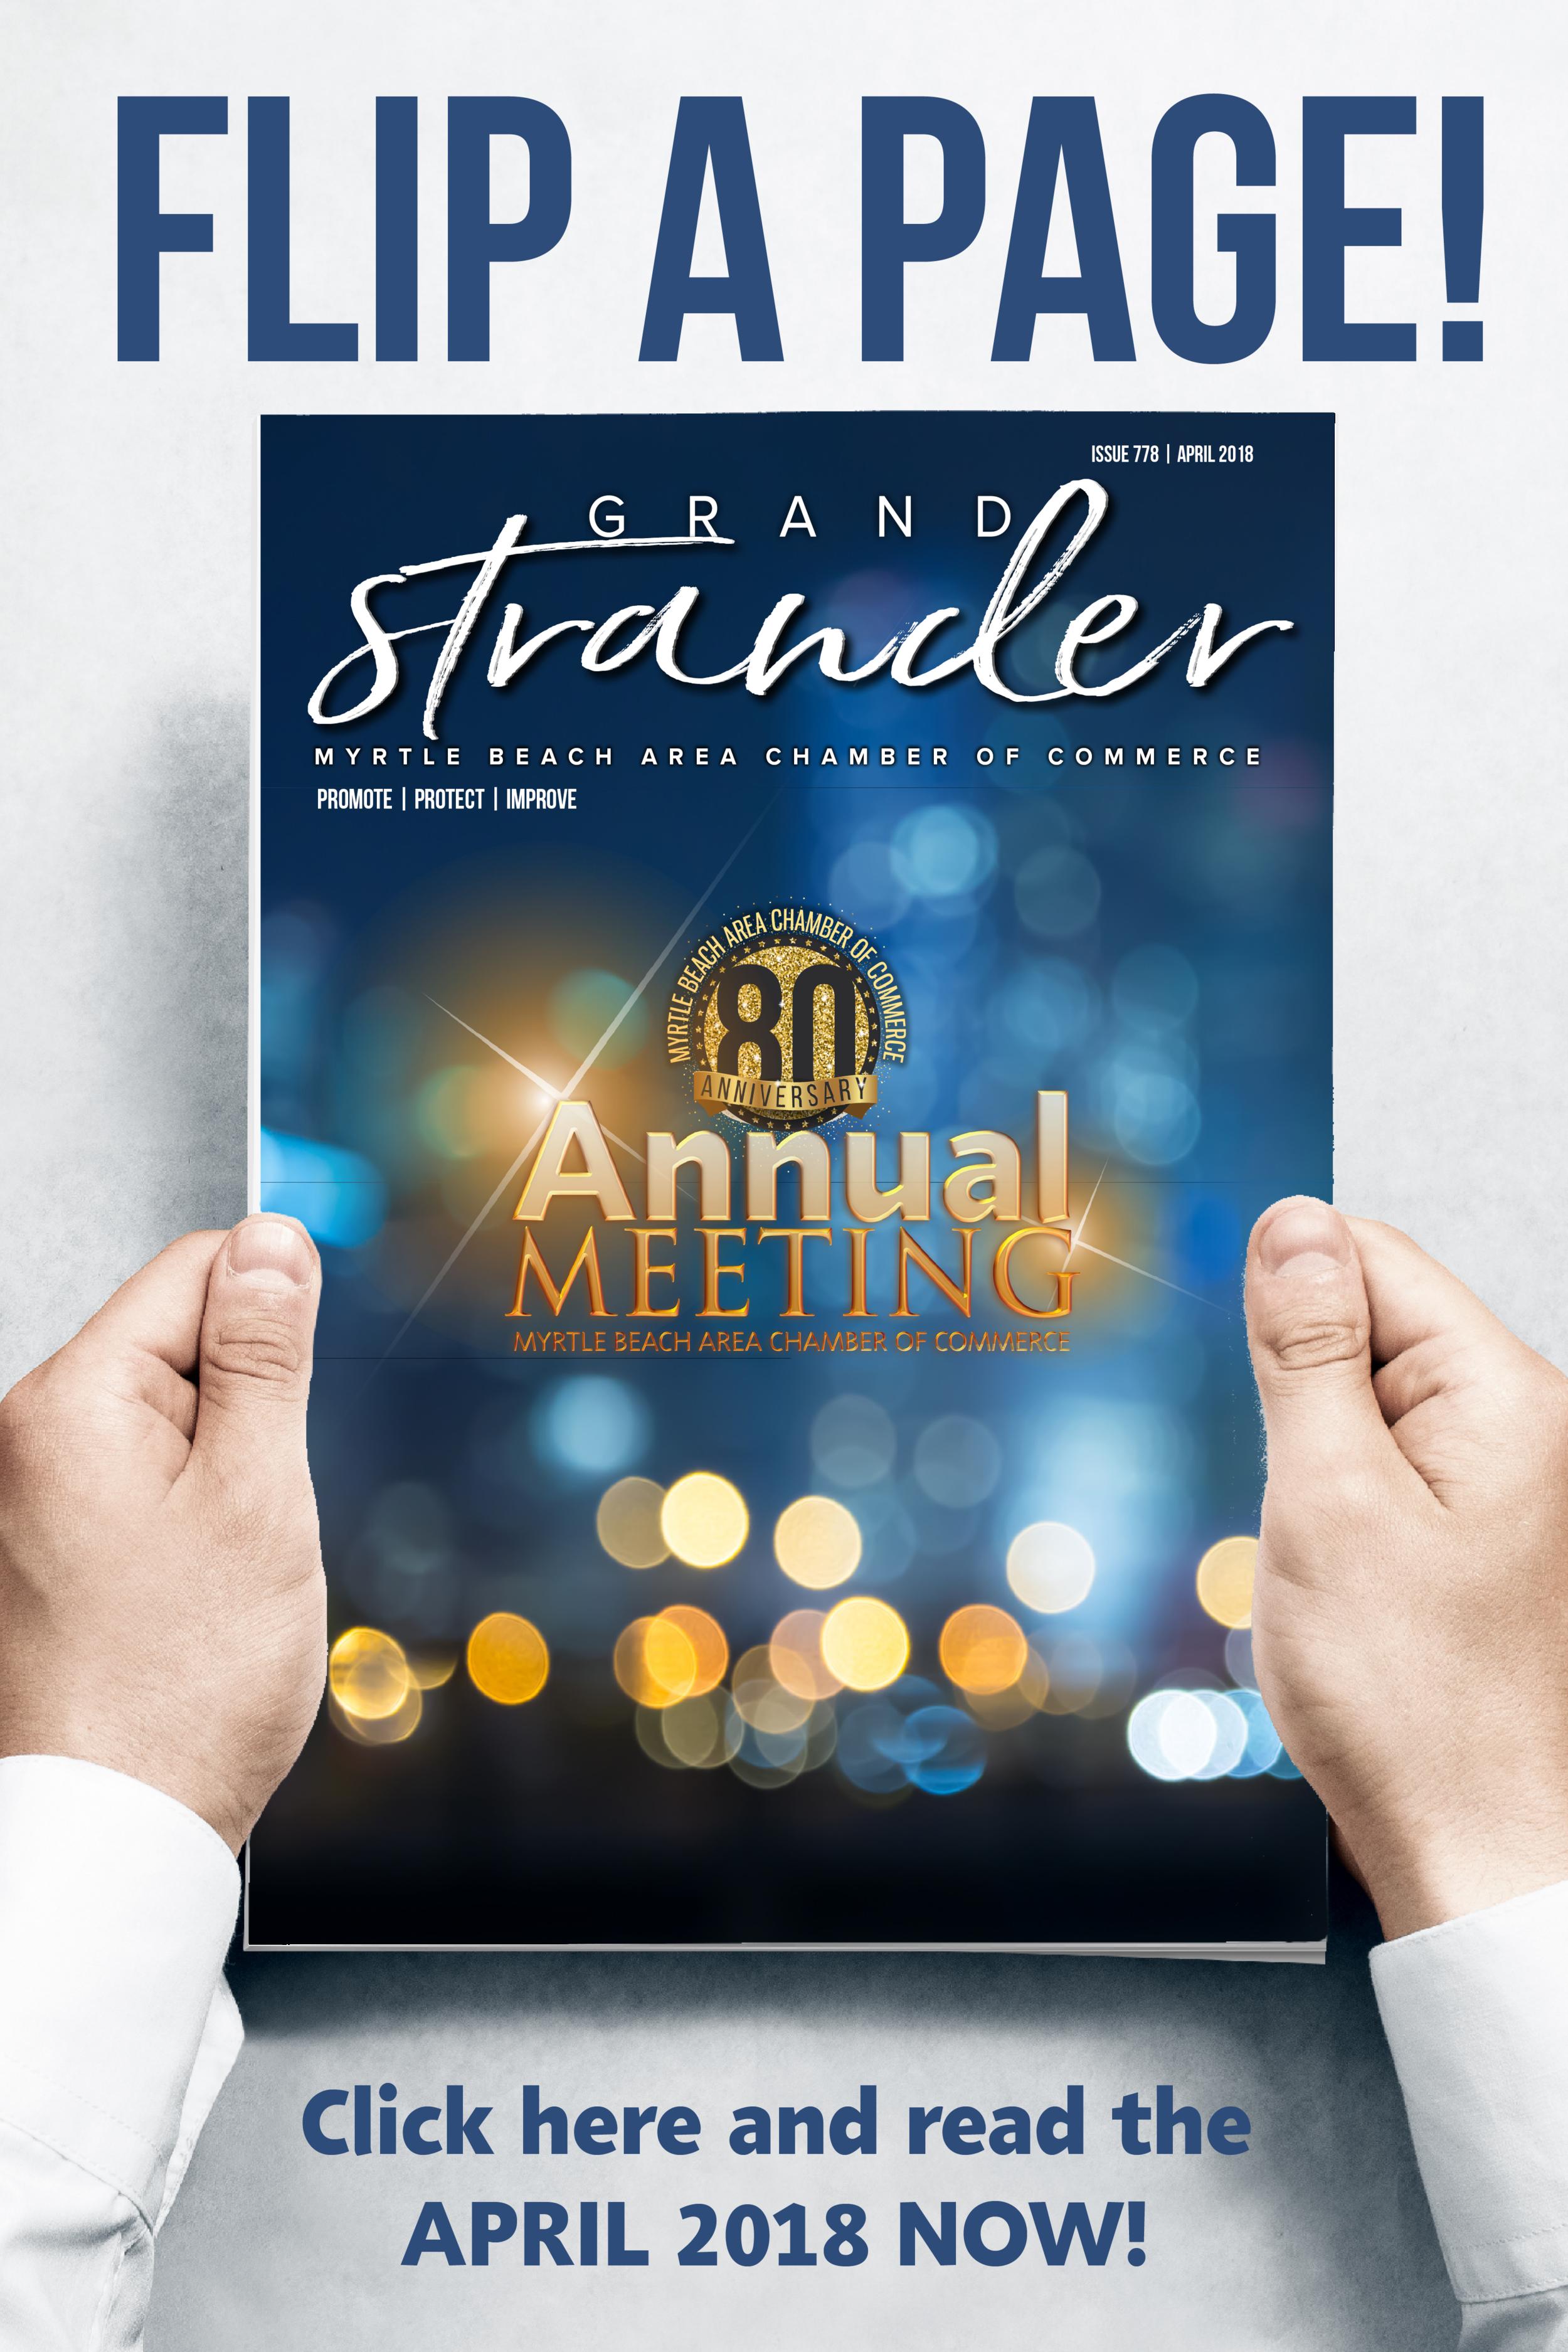 Grand Strander - April 2018